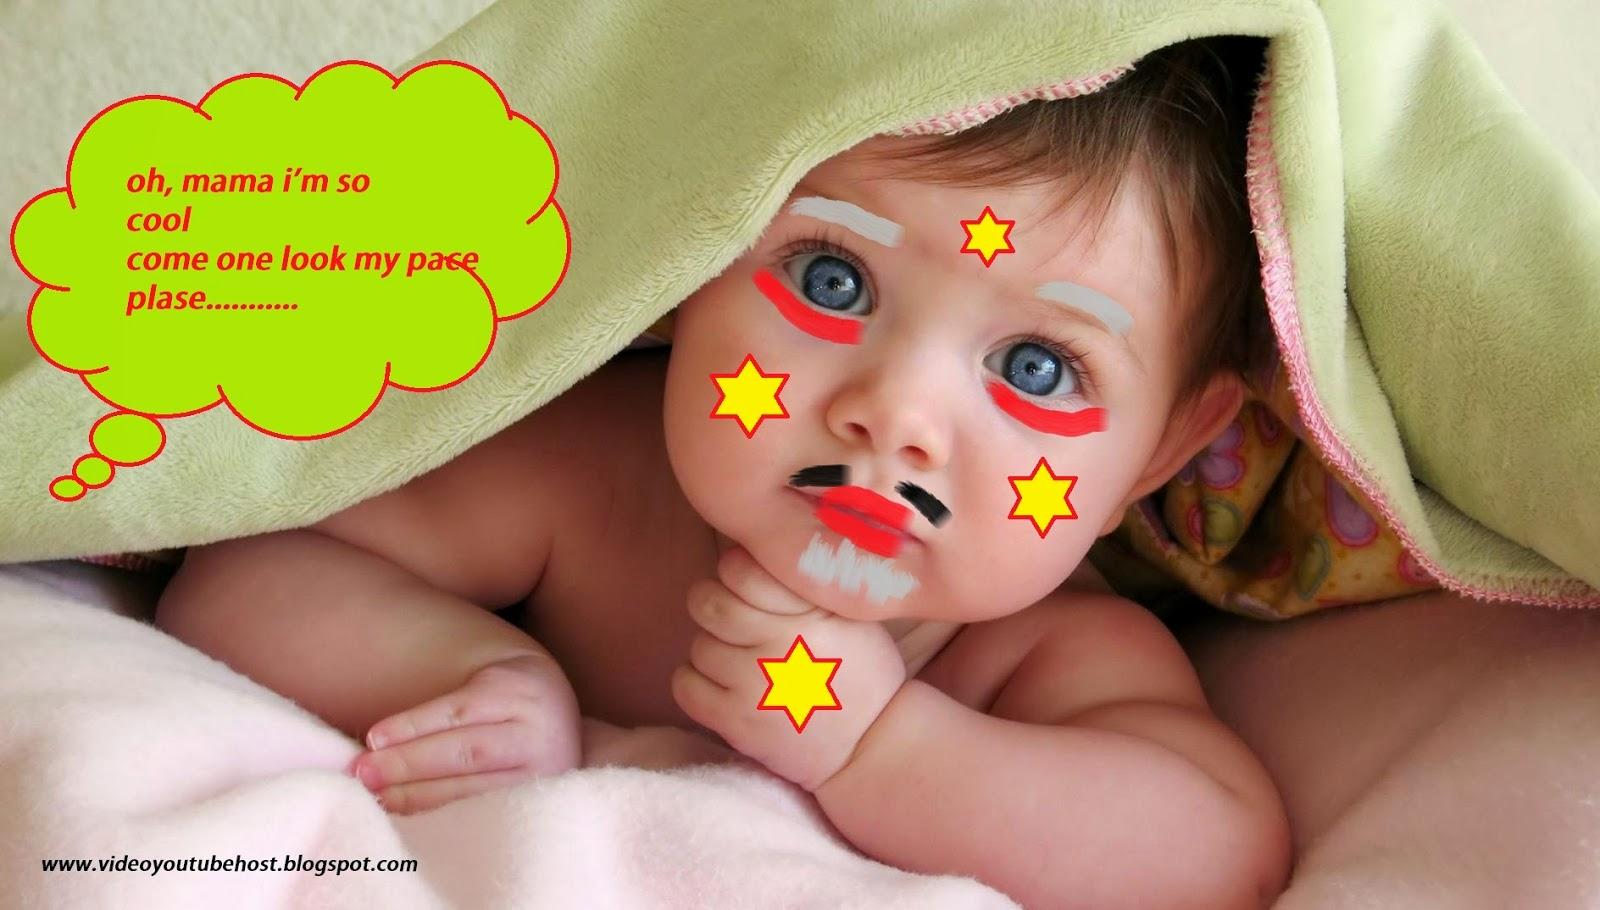 Baby Dengan Kata Lucu  Search Results  Calendar 2015